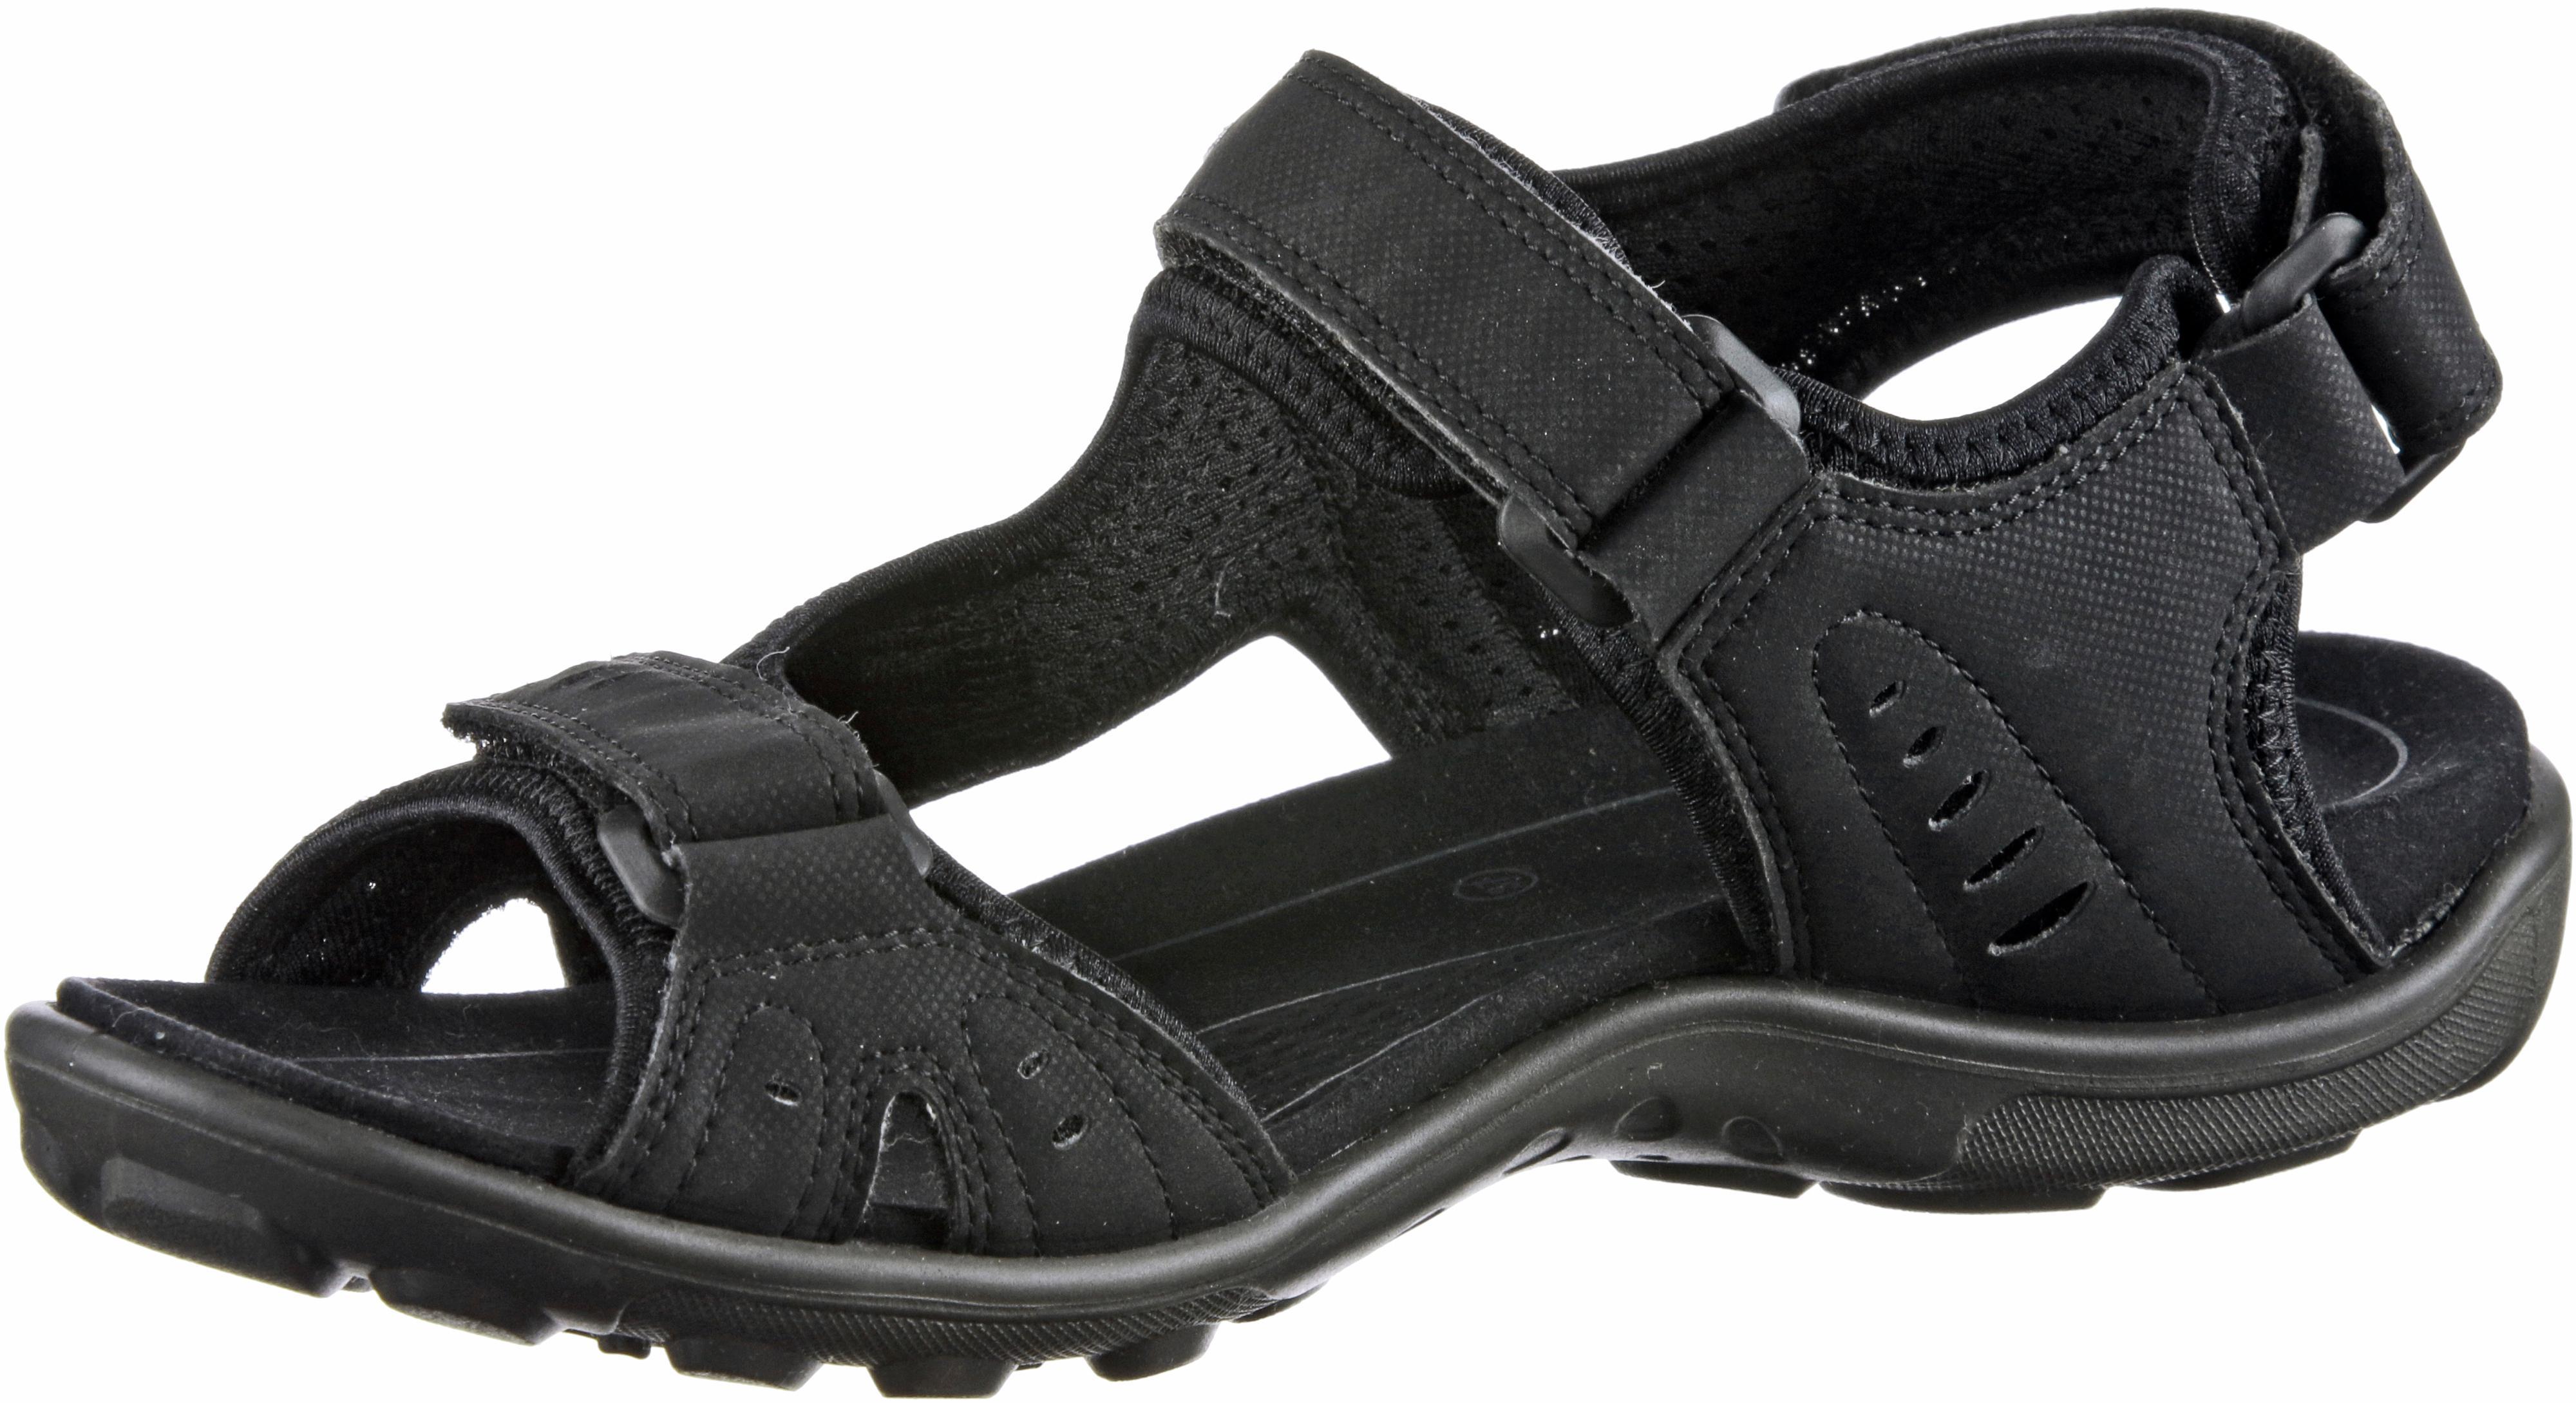 Shop24 Über Online Günstig Schuhe Kaufen atShop24 43RjL5A